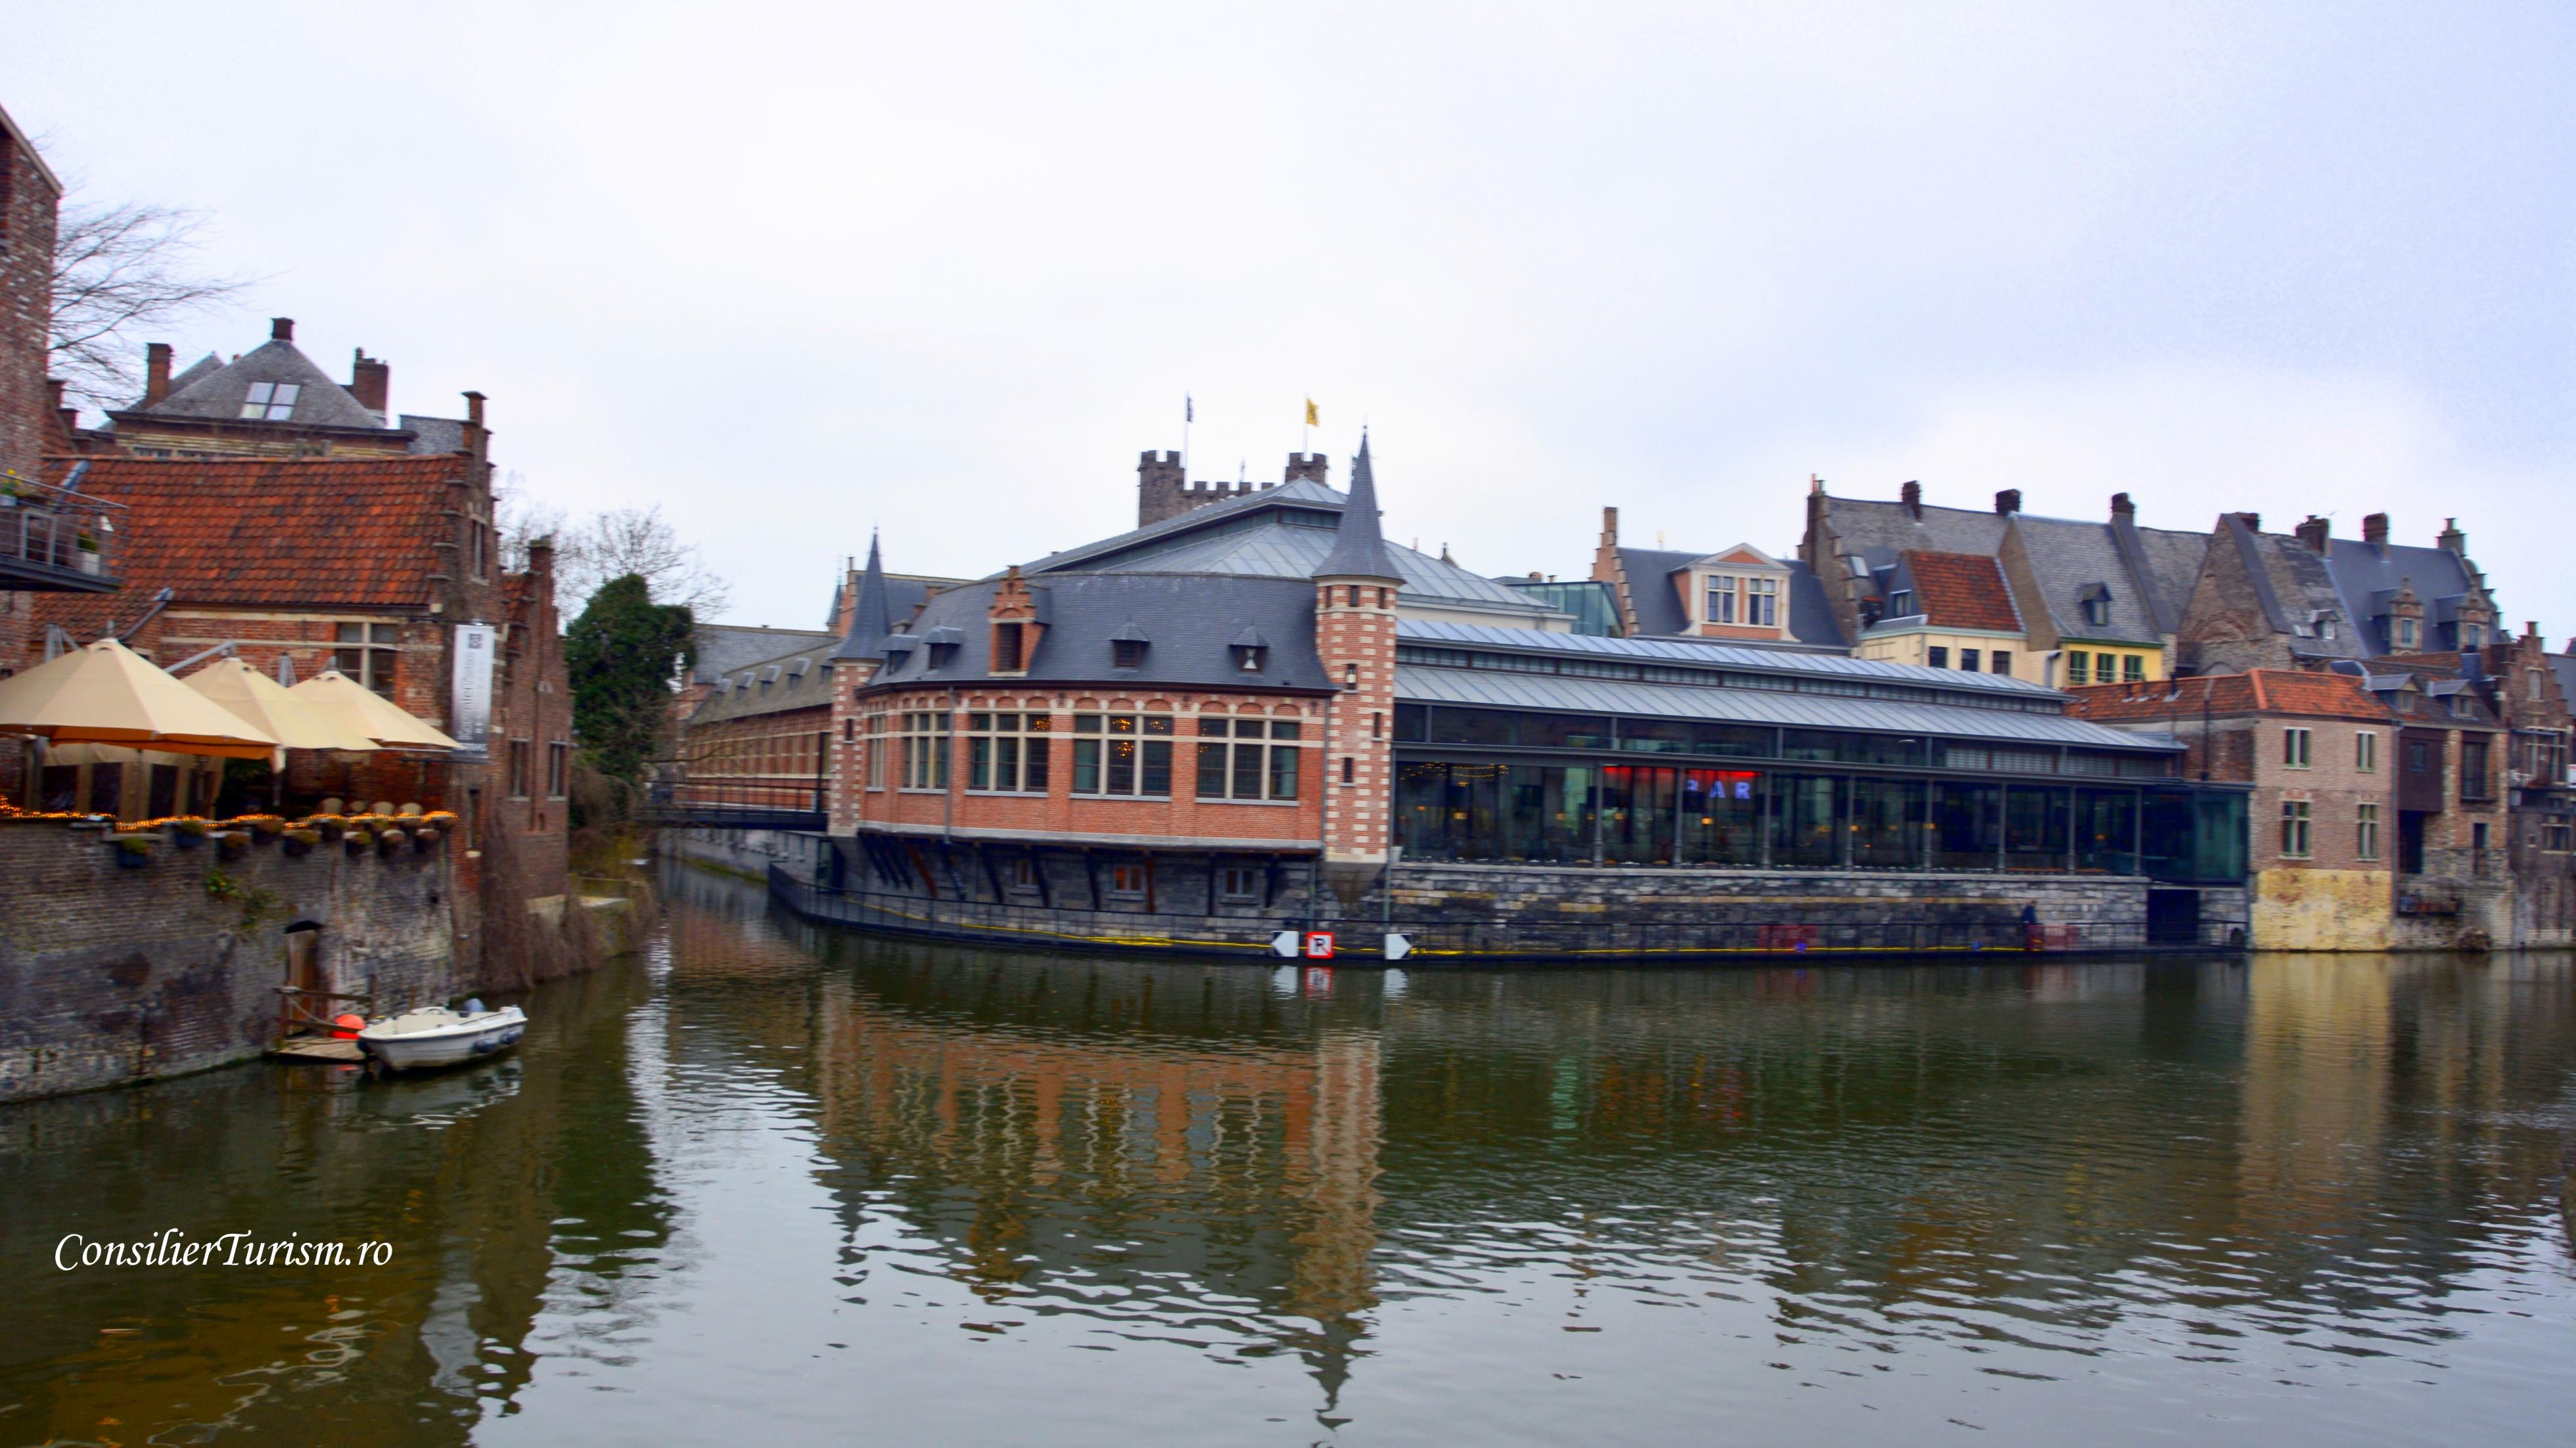 Oude Vismijn Gent